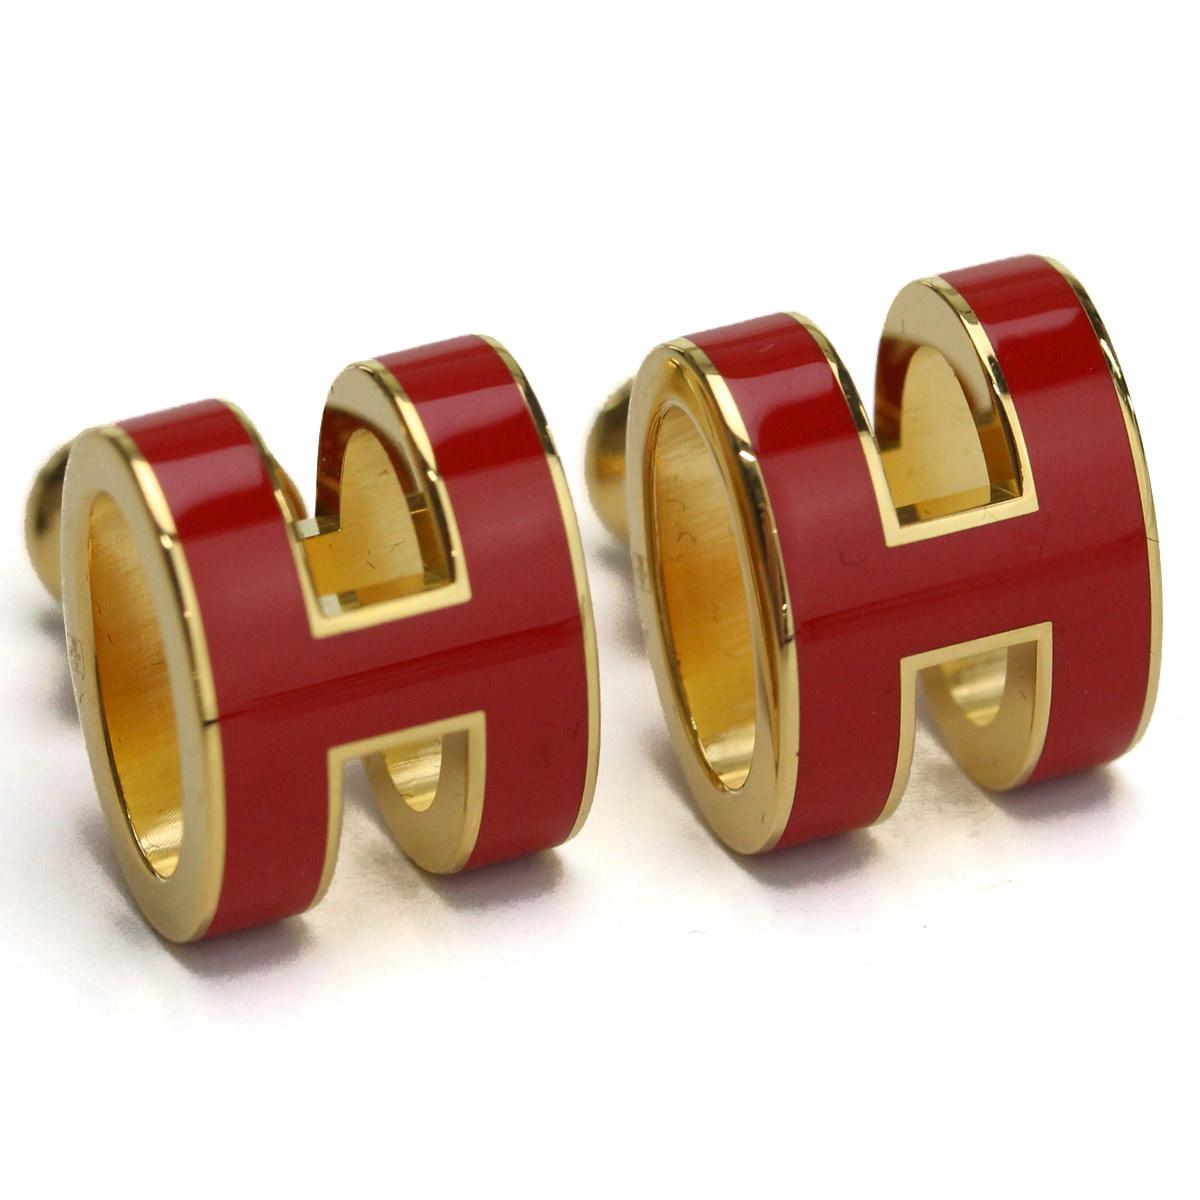 エルメス HERMES ピアス ポップH ポップアッシュピアス POP H ピアス H608001 (GD/RD) ゴールド/レッド